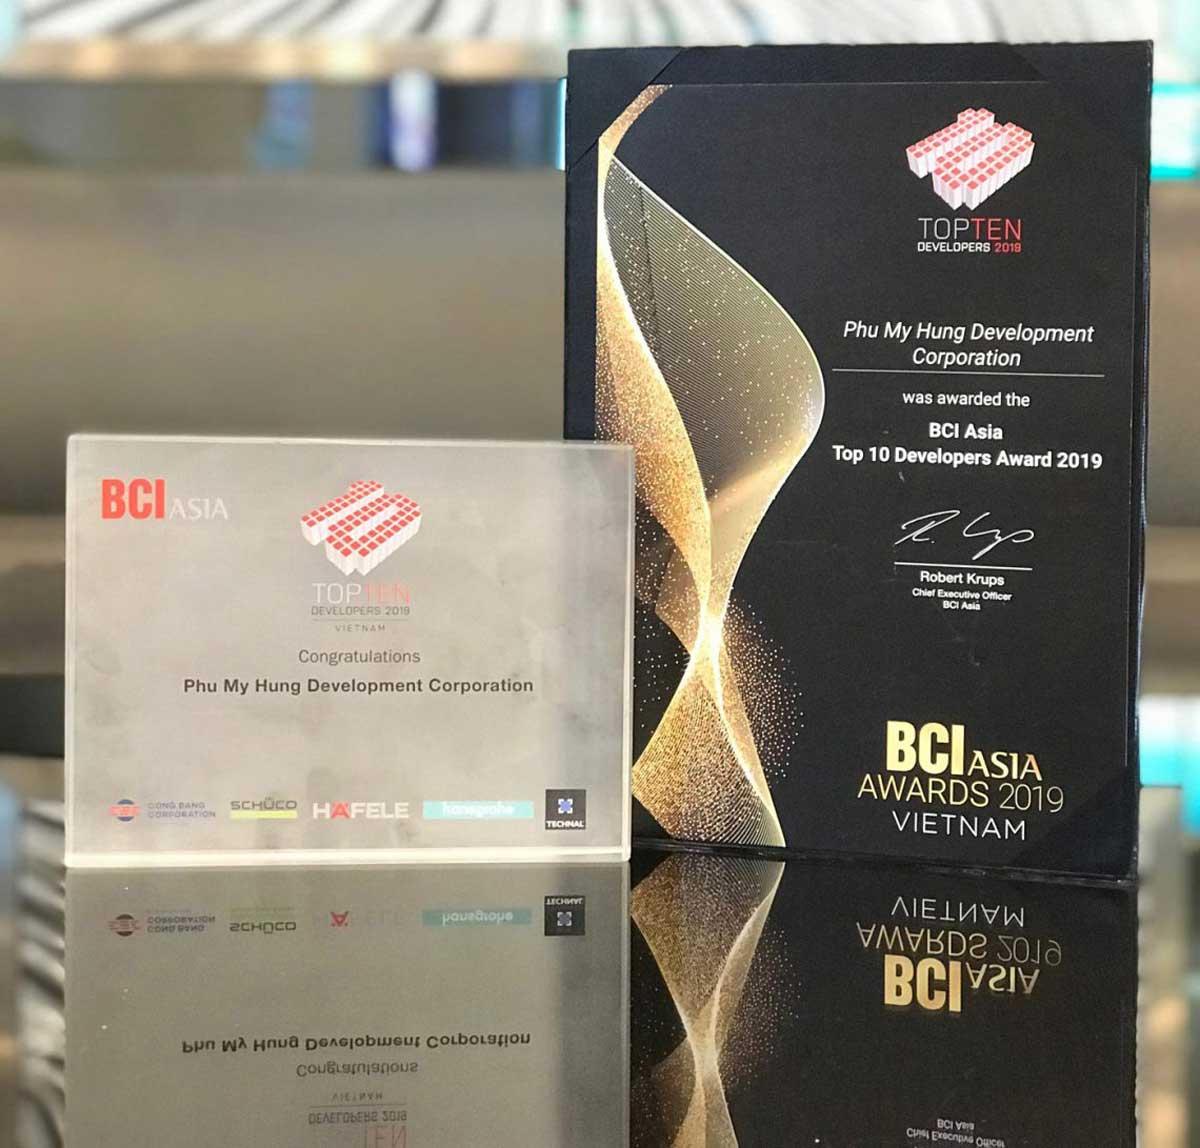 Phú Mỹ Hưng Top 10 chủ đầu tư hàng đầu Việt Nam năm 2019 được trao bởi BCI Asia Awards - CÔNG TY TNHH PHÁT TRIỂN PHÚ MỸ HƯNG